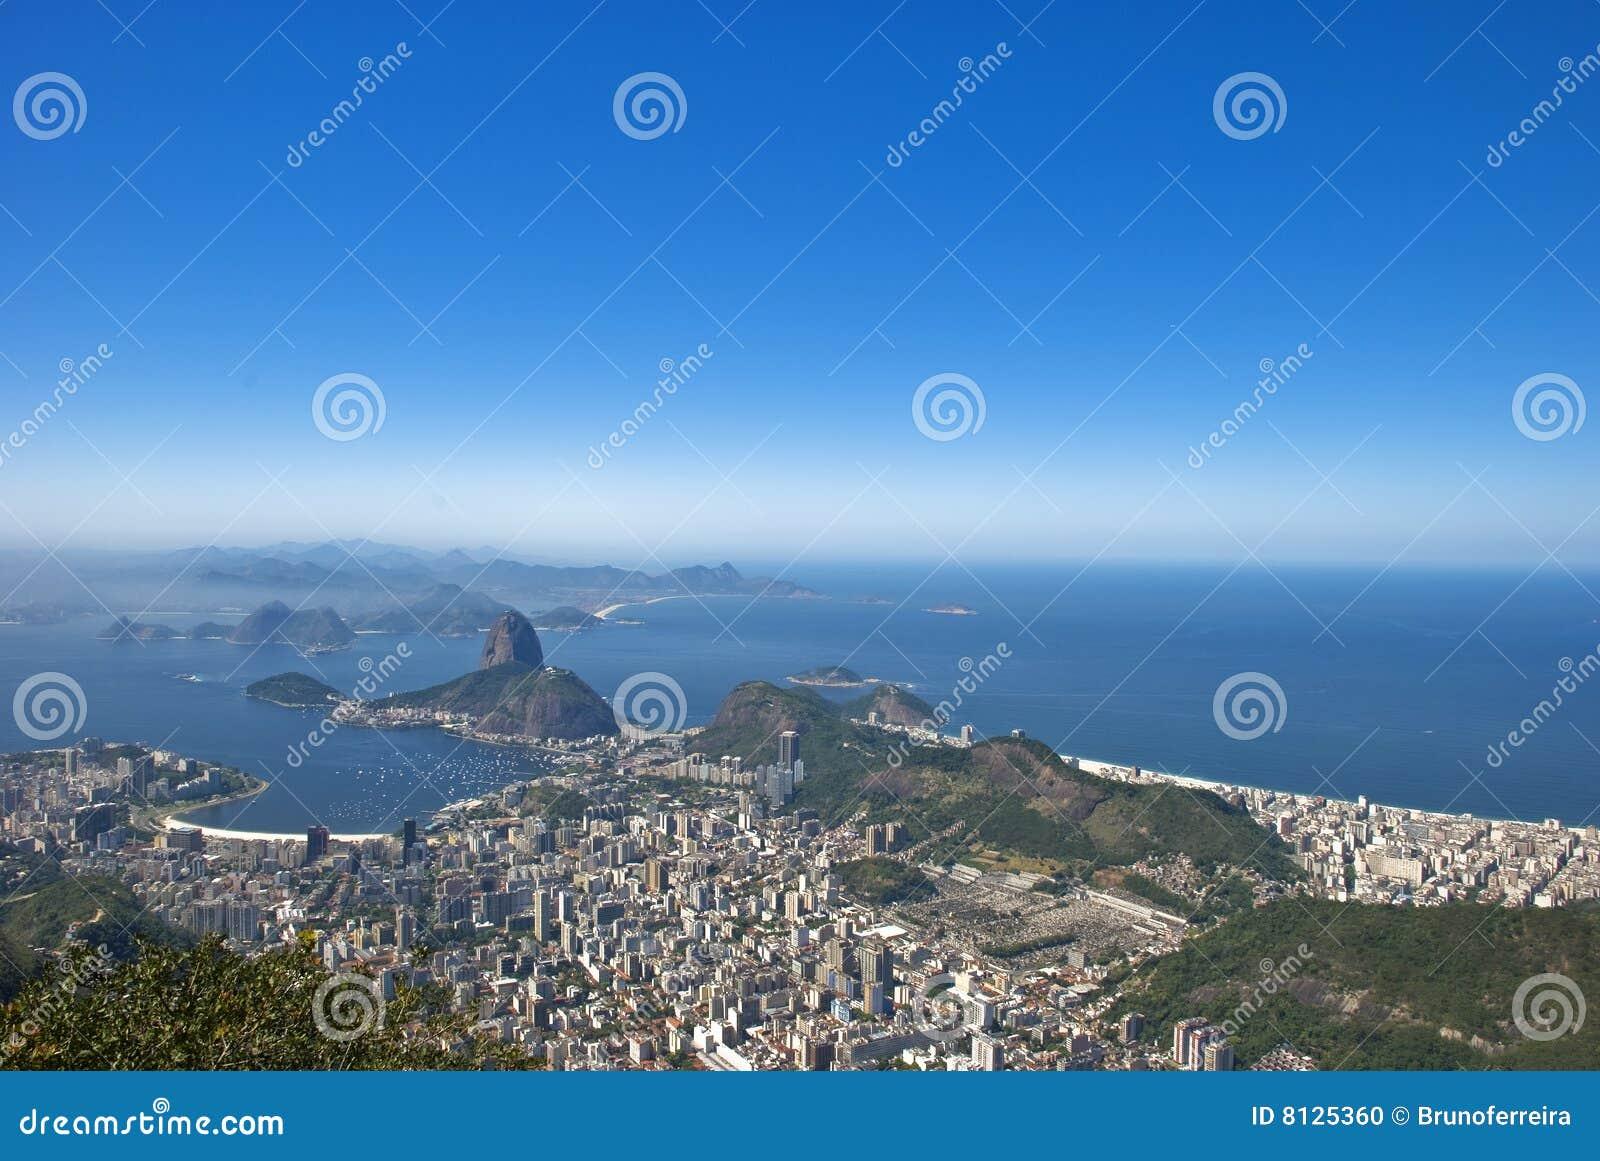 Aardrijkskunde van Rio de Janeiro